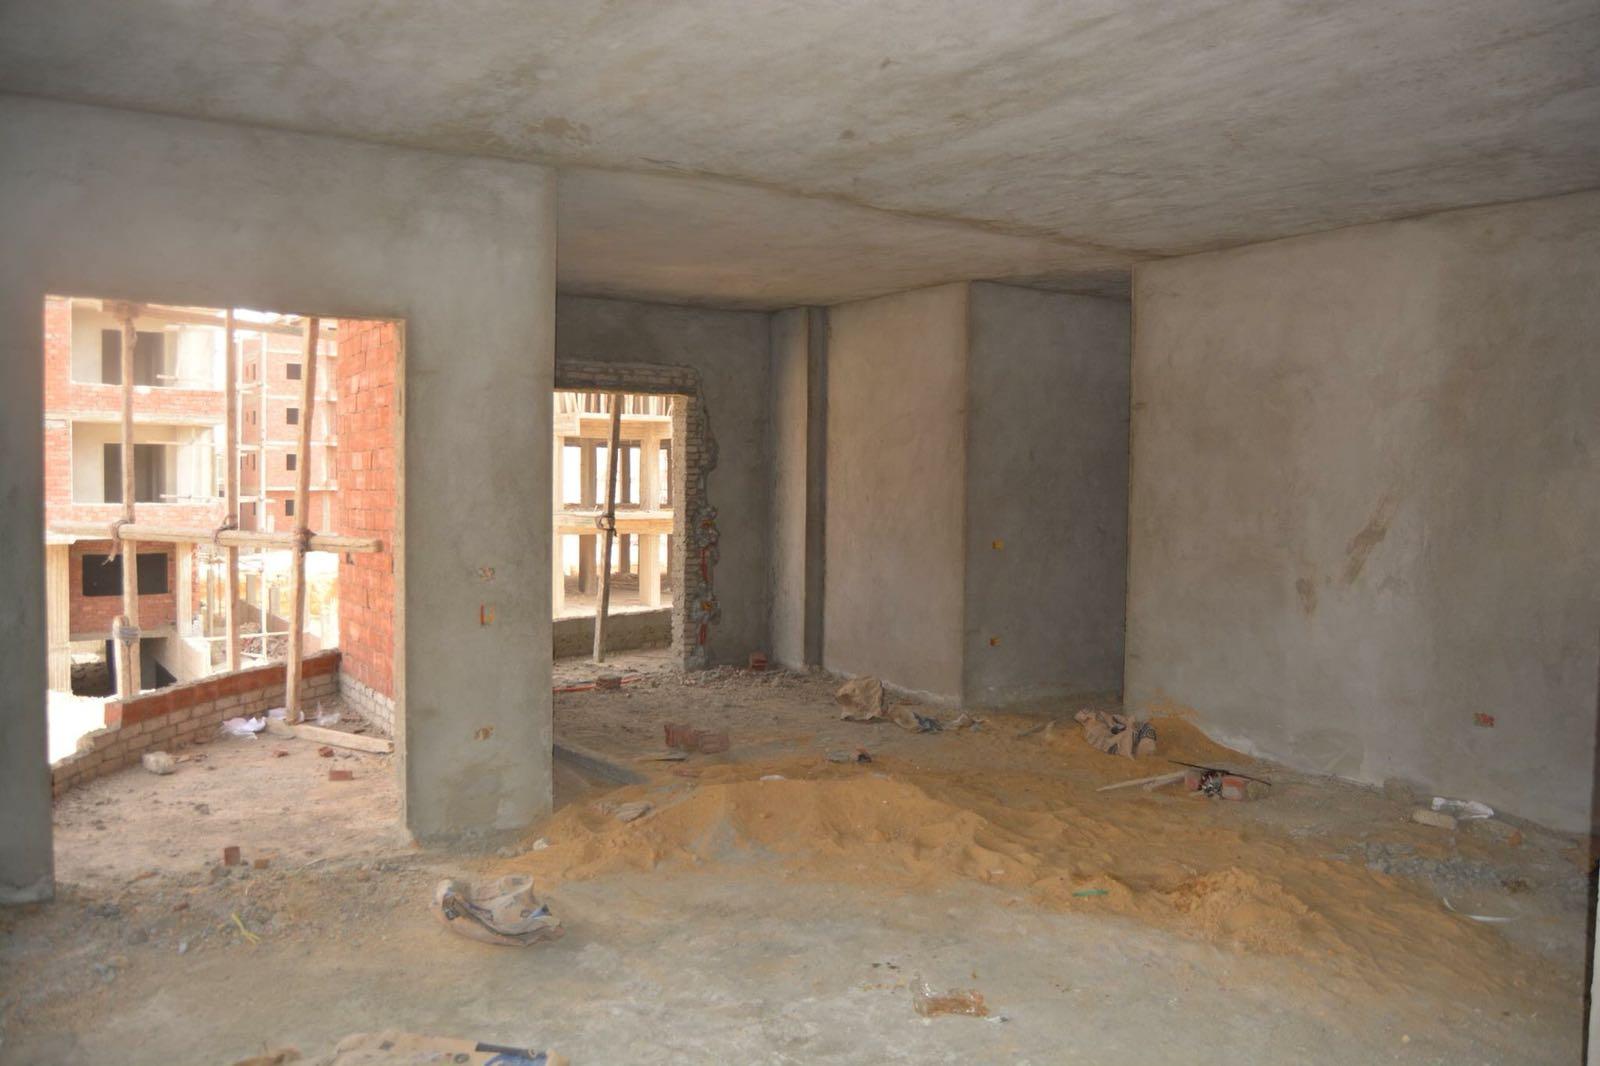 شقة للبيع فى القاهرة الجديدة منطقة التجمع الخامس